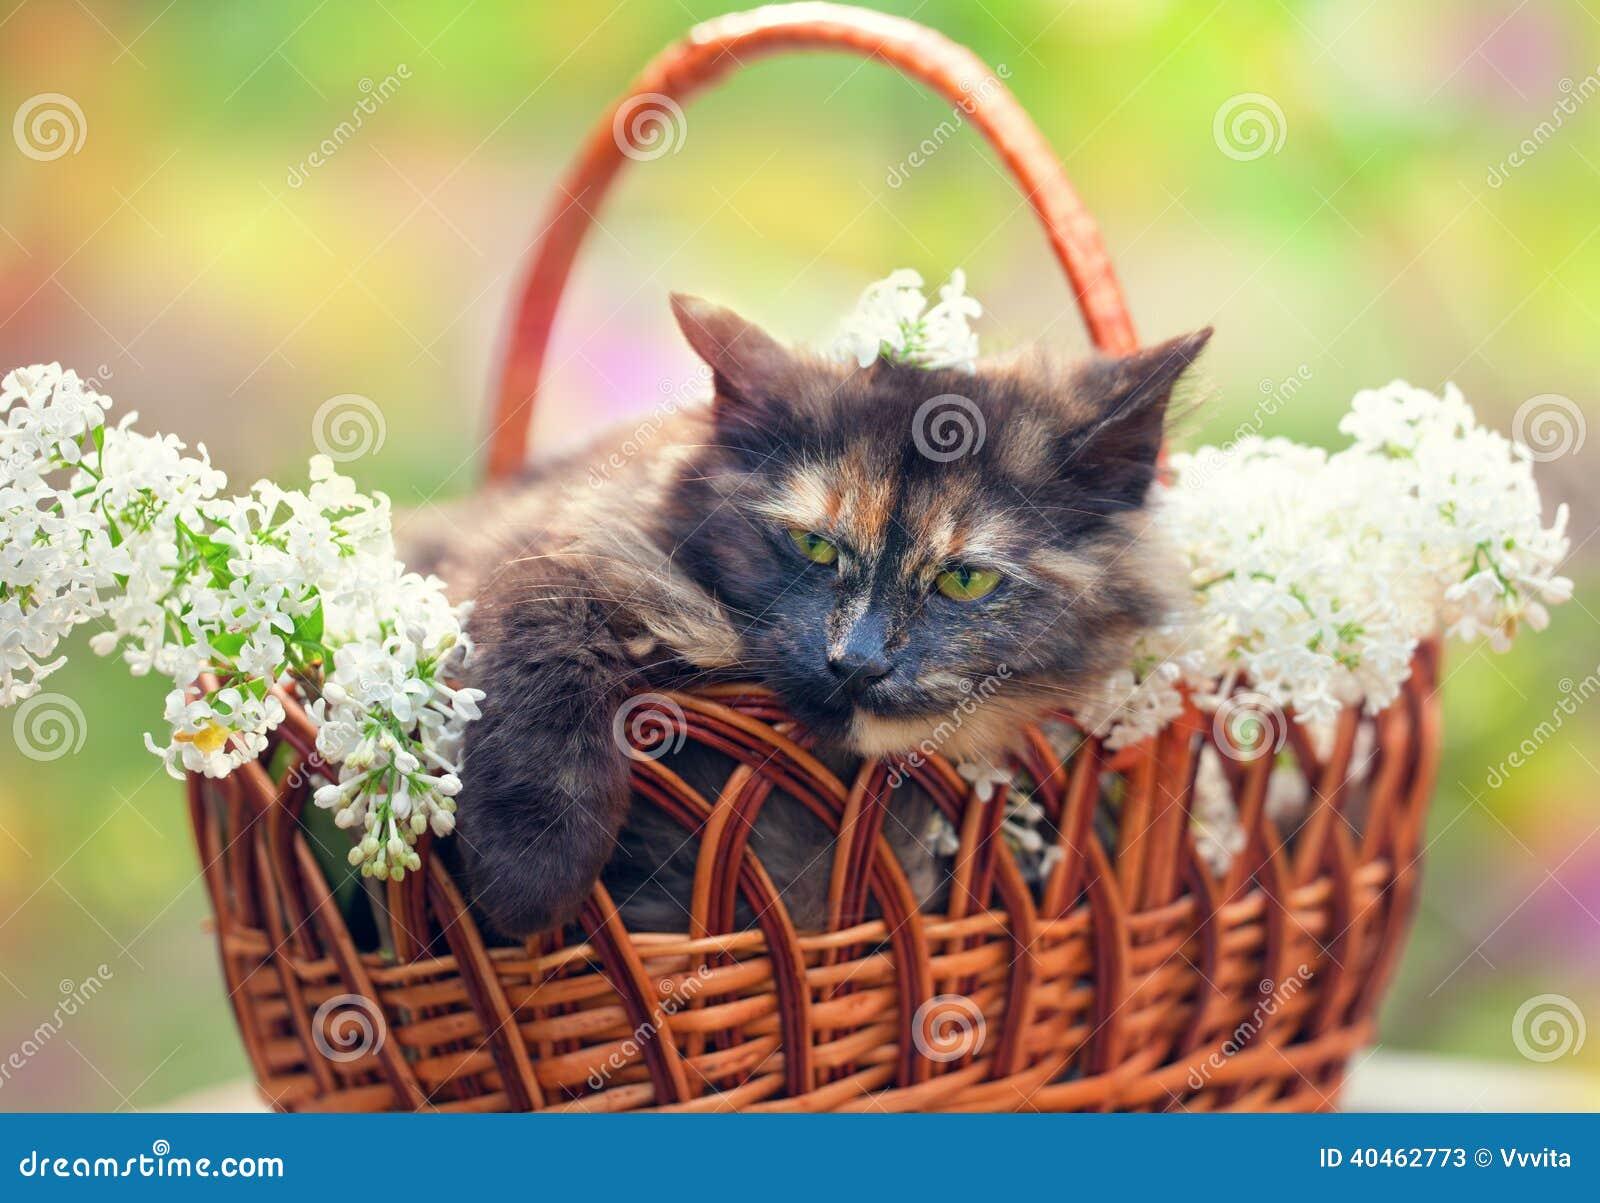 Panier Fleur Pour Chat : Chat dans un panier avec les fleurs lilas photo stock